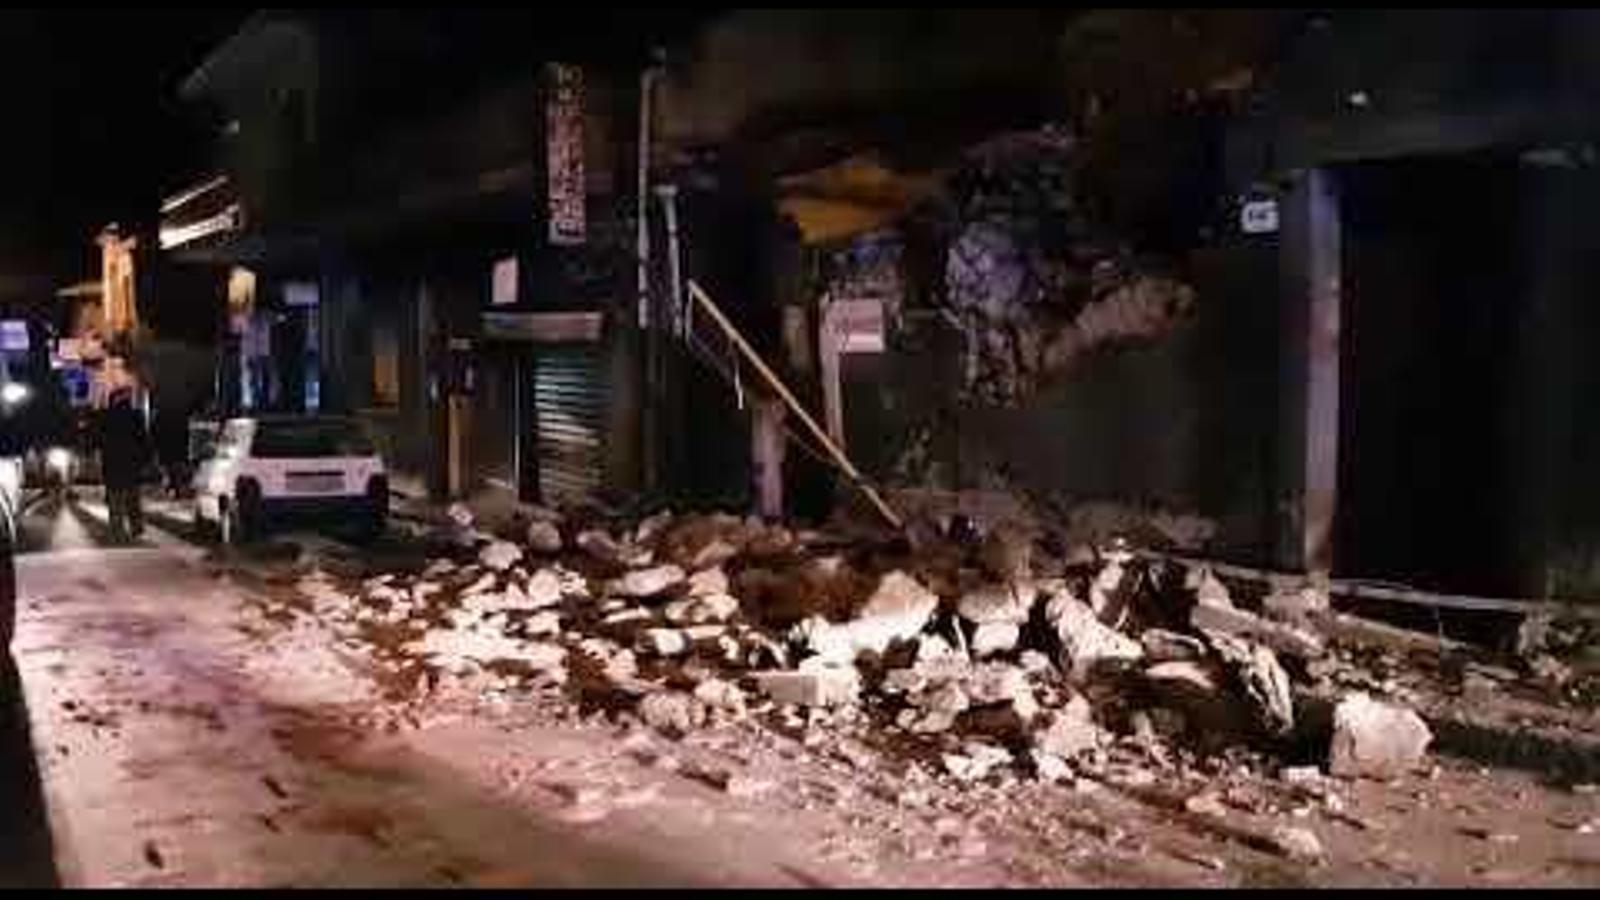 Danys causats a Fleri pel terratrèmol que ha sacsejat Sicília